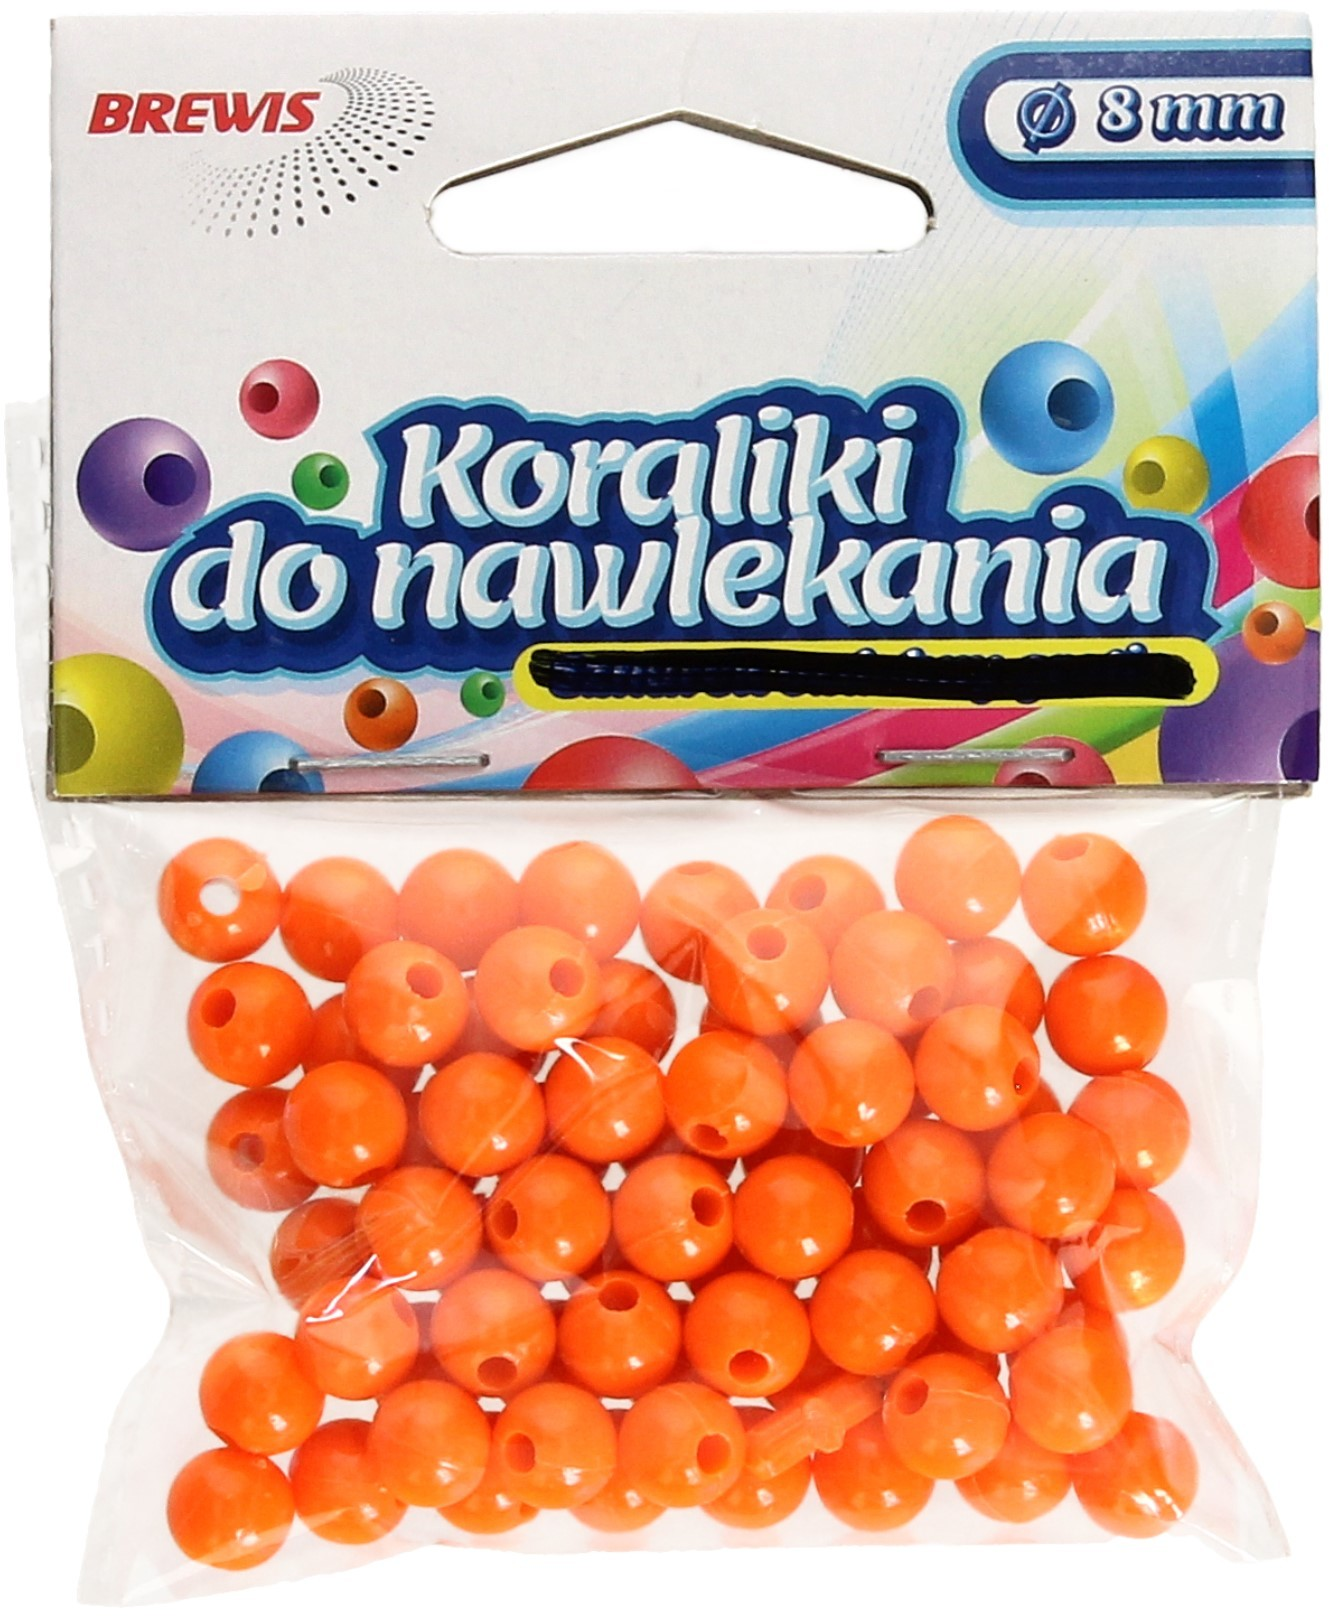 Brewis Koraliki ozdobne pomarańczowe K8 8mm VB8864